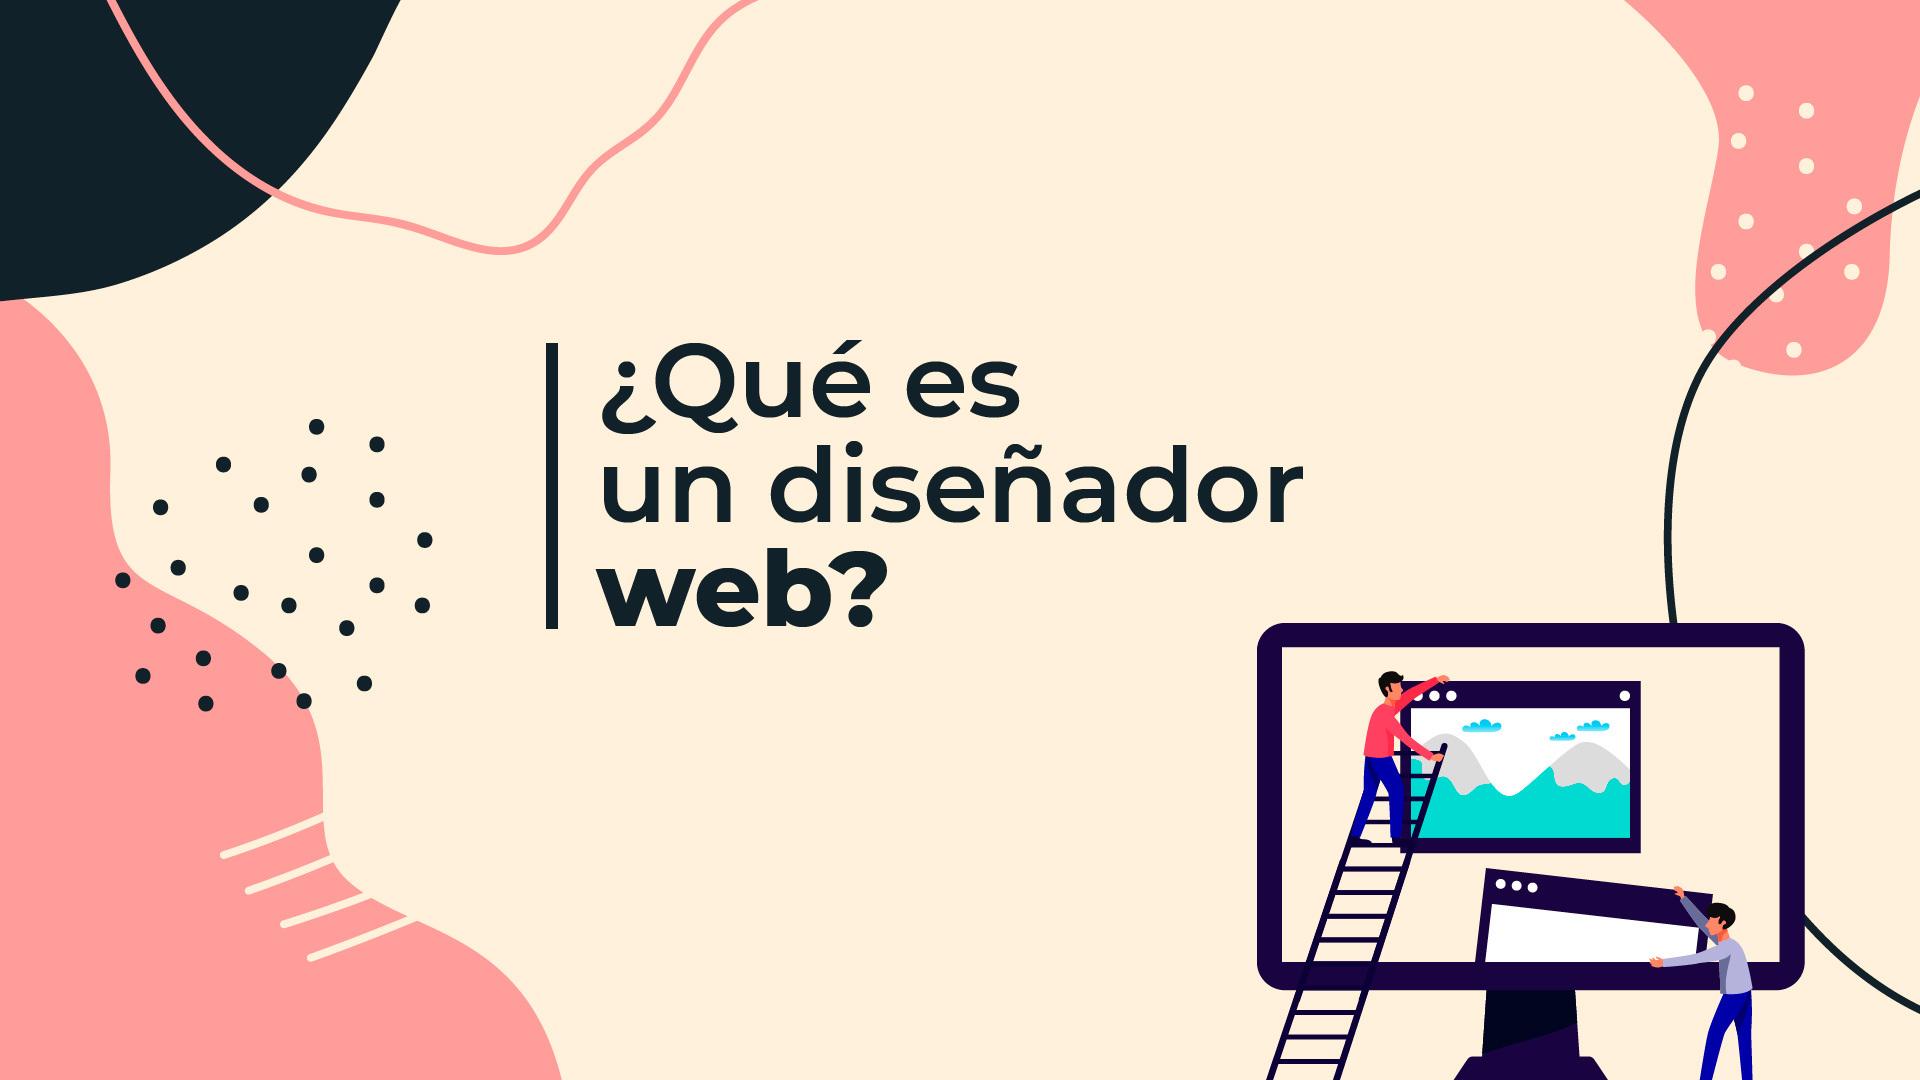 que es un diseñador web